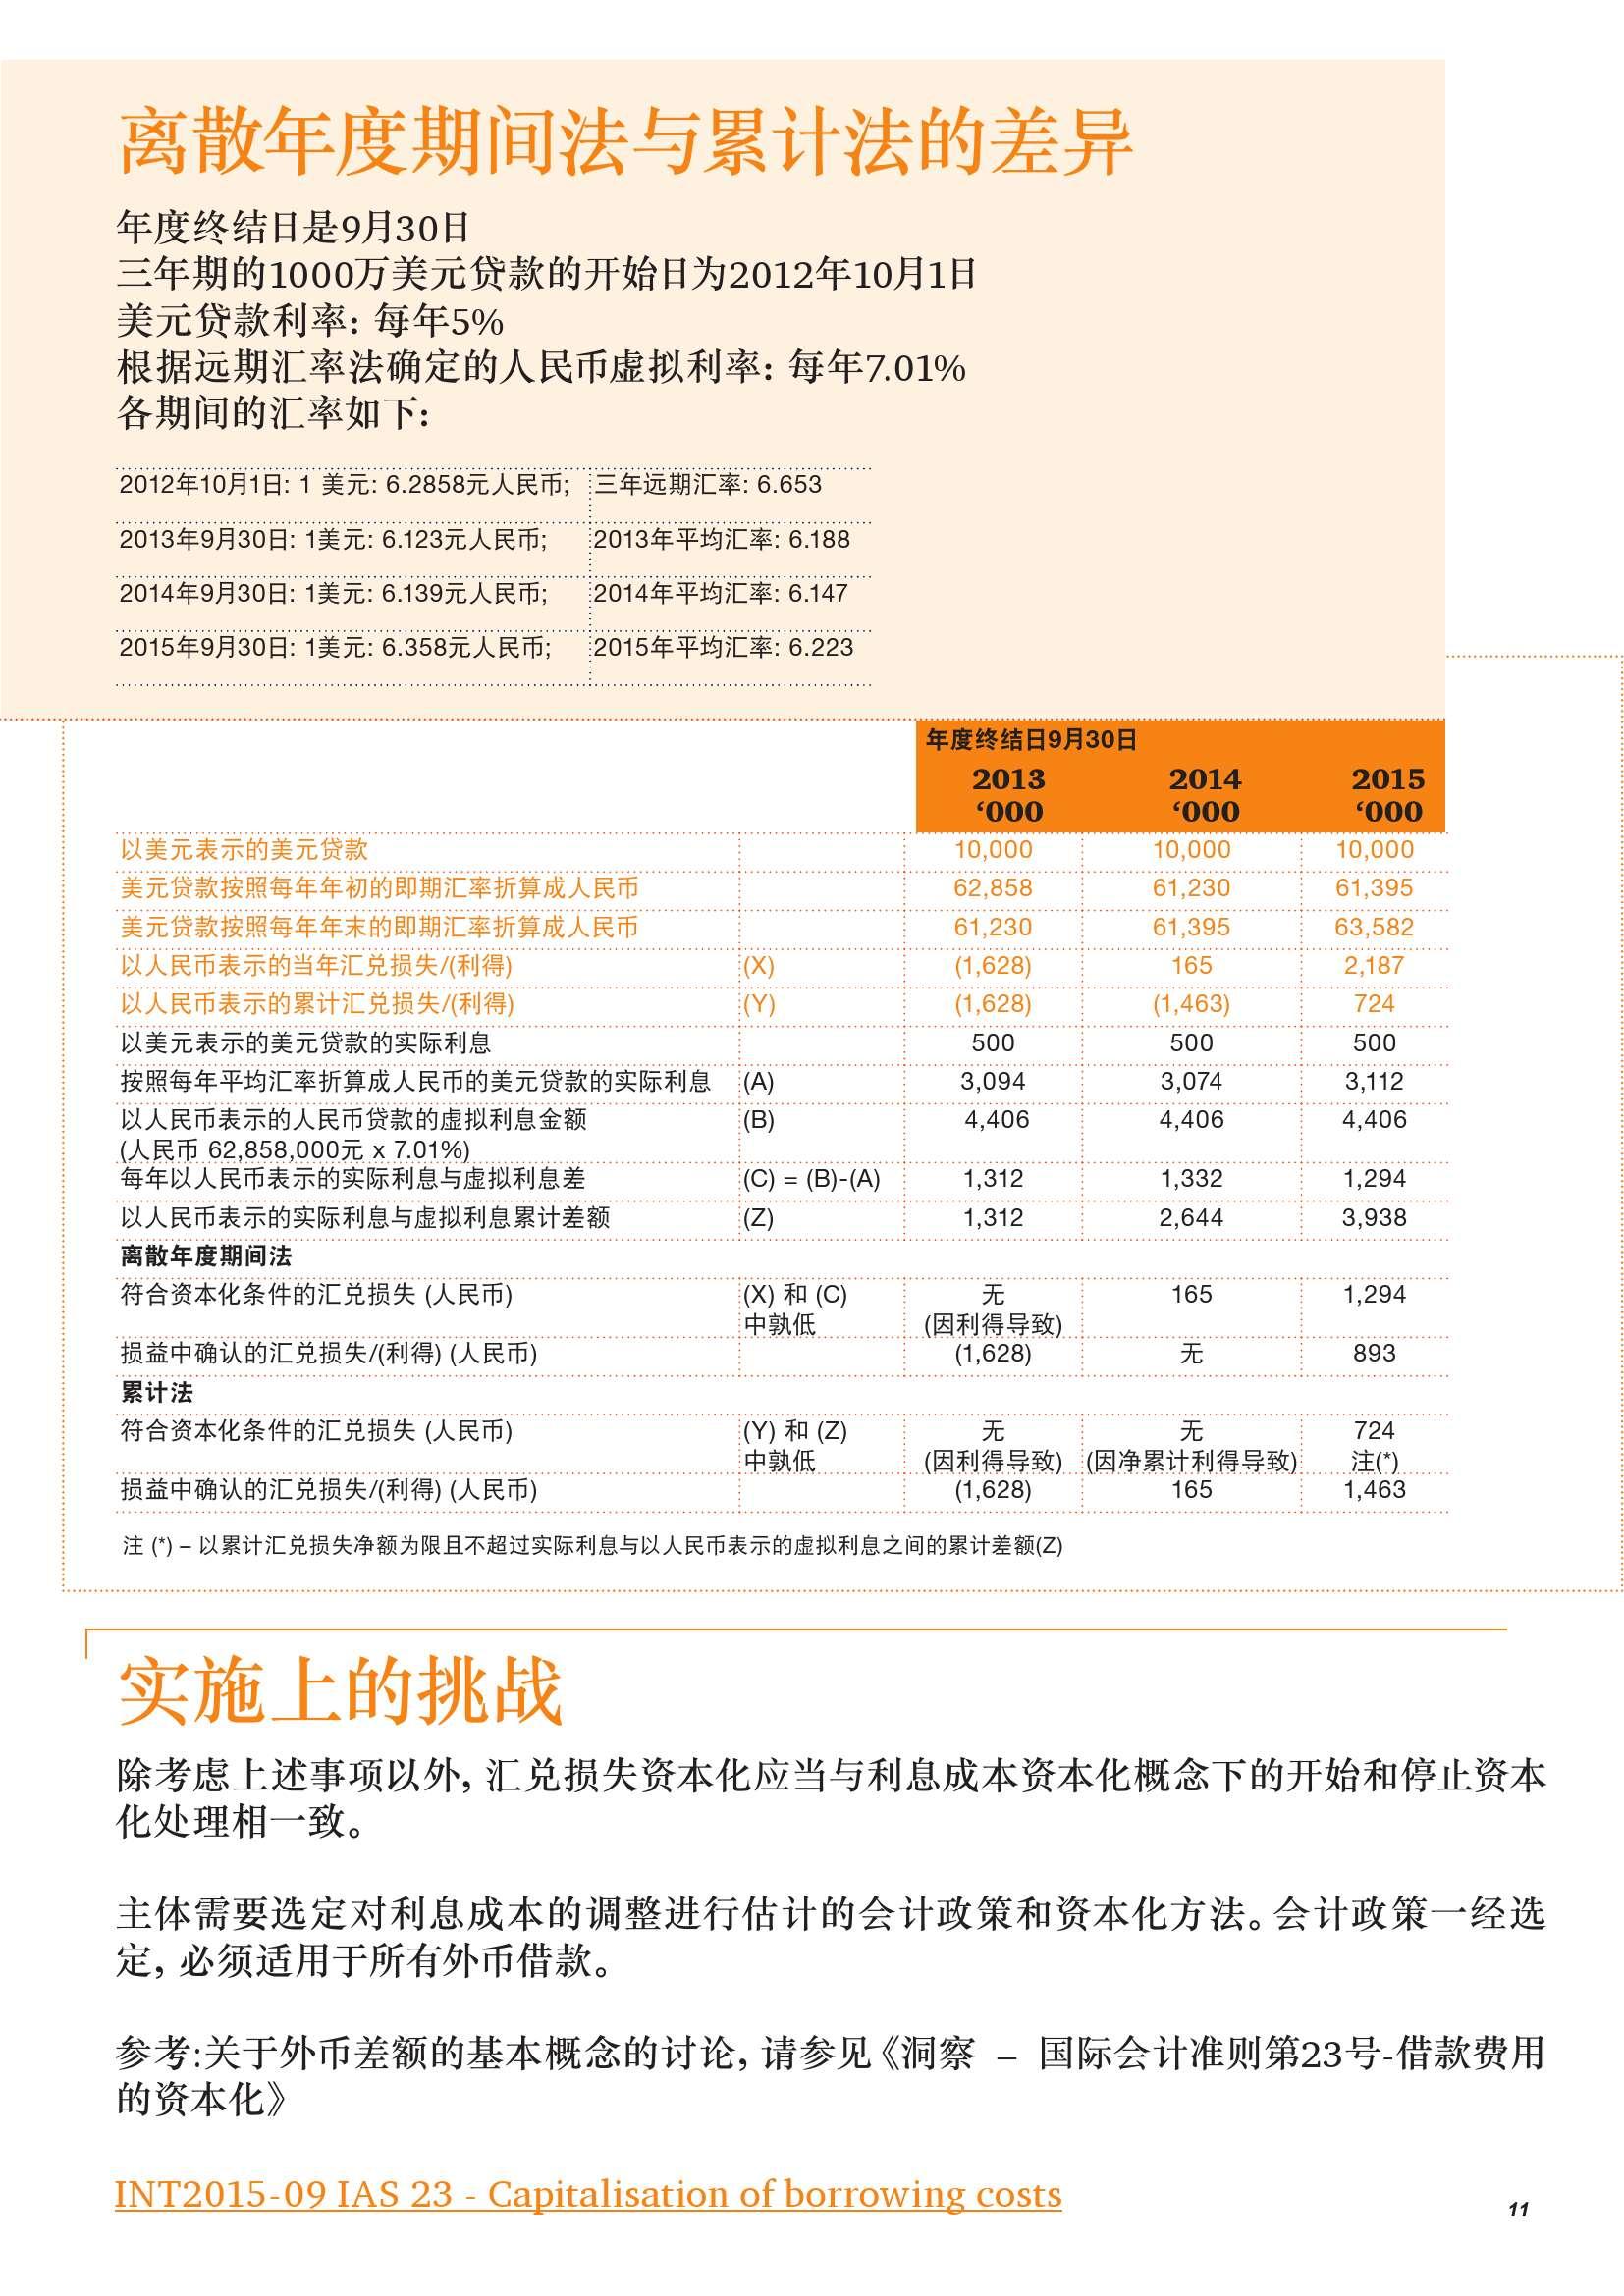 人民币贬值引发的外币借款汇兑损失资本化_000013